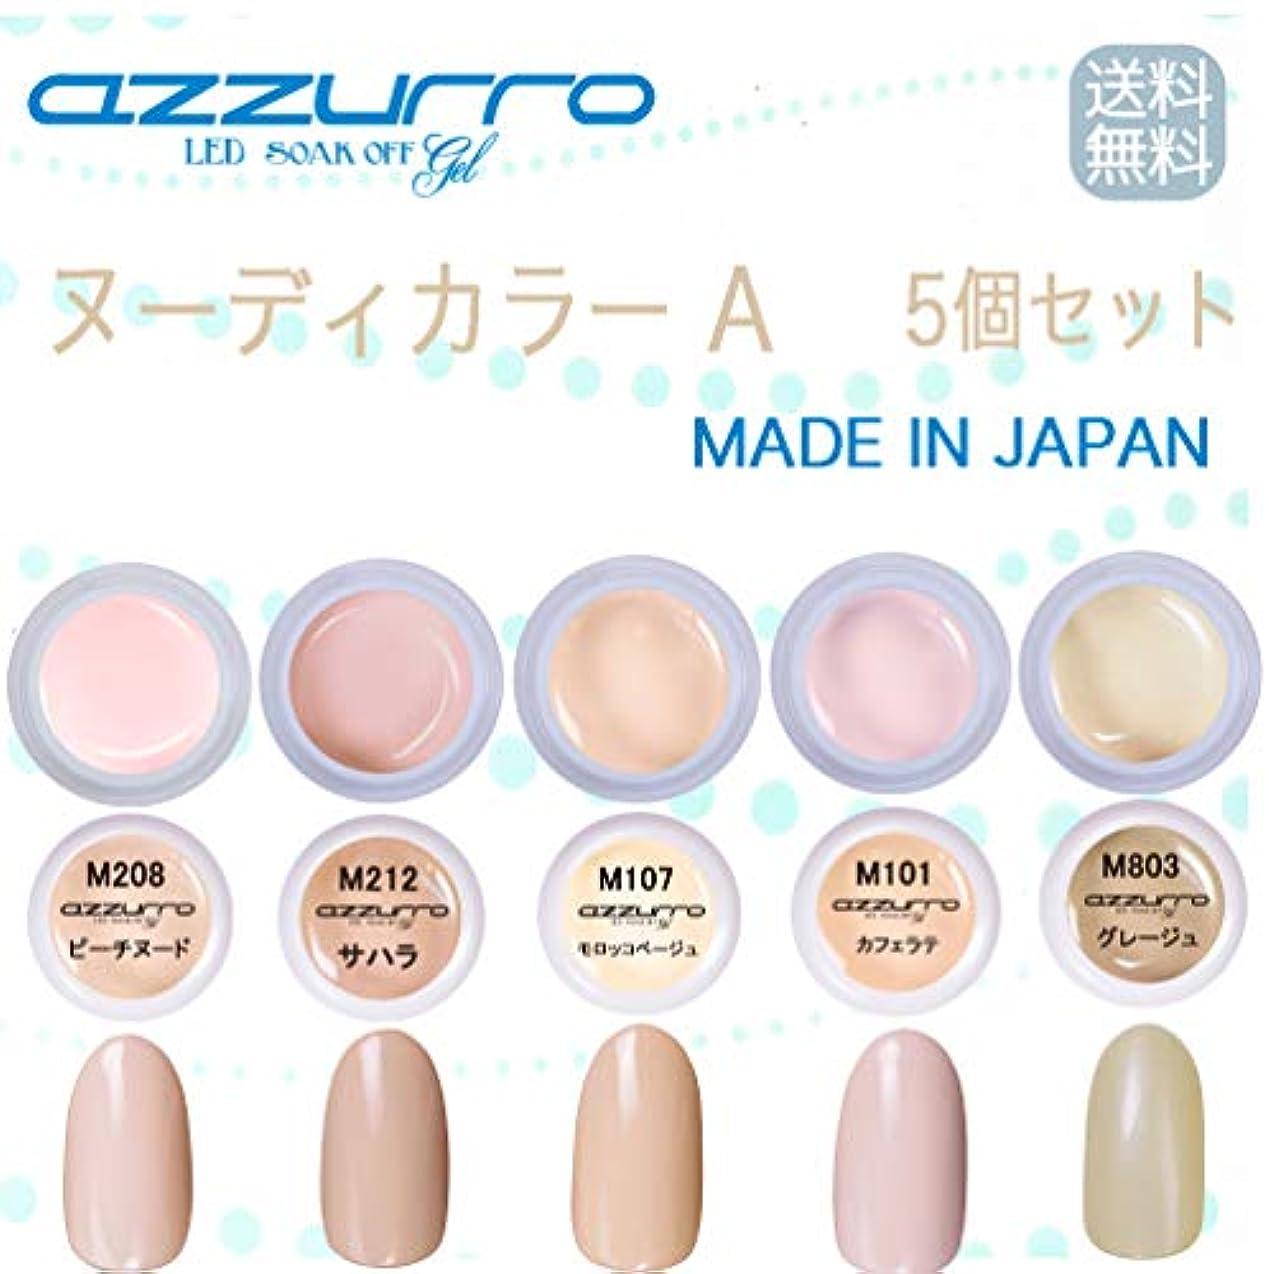 スポーツの試合を担当している人電気のチラチラする【送料無料】日本製 azzurro gel ヌーディカラージェルAセット ヌーデイで扱いやすい人気なカラー